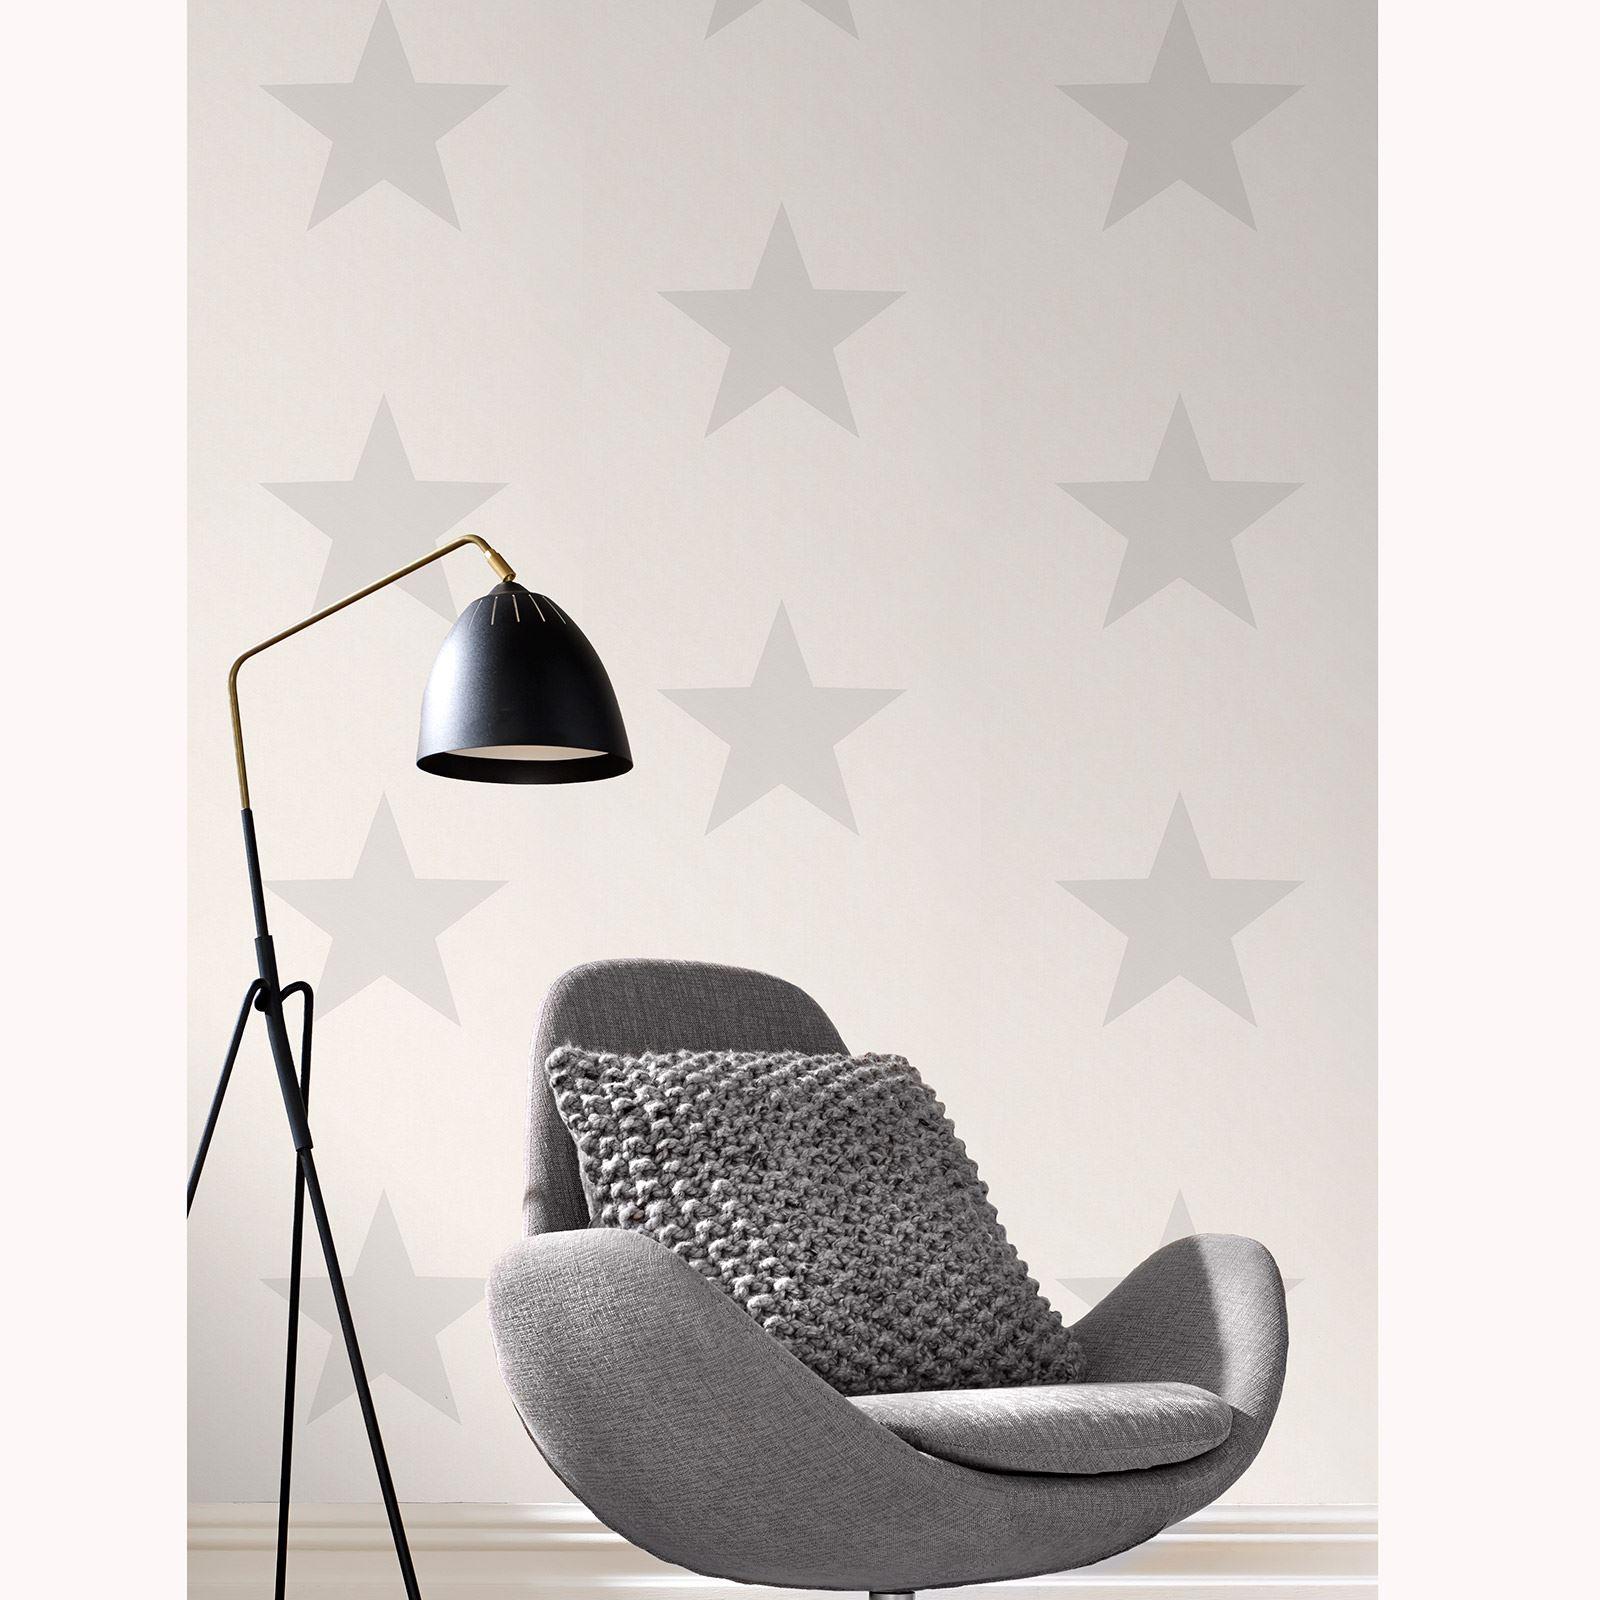 sterne tapete grau auf wei rasch 248135 ebay. Black Bedroom Furniture Sets. Home Design Ideas